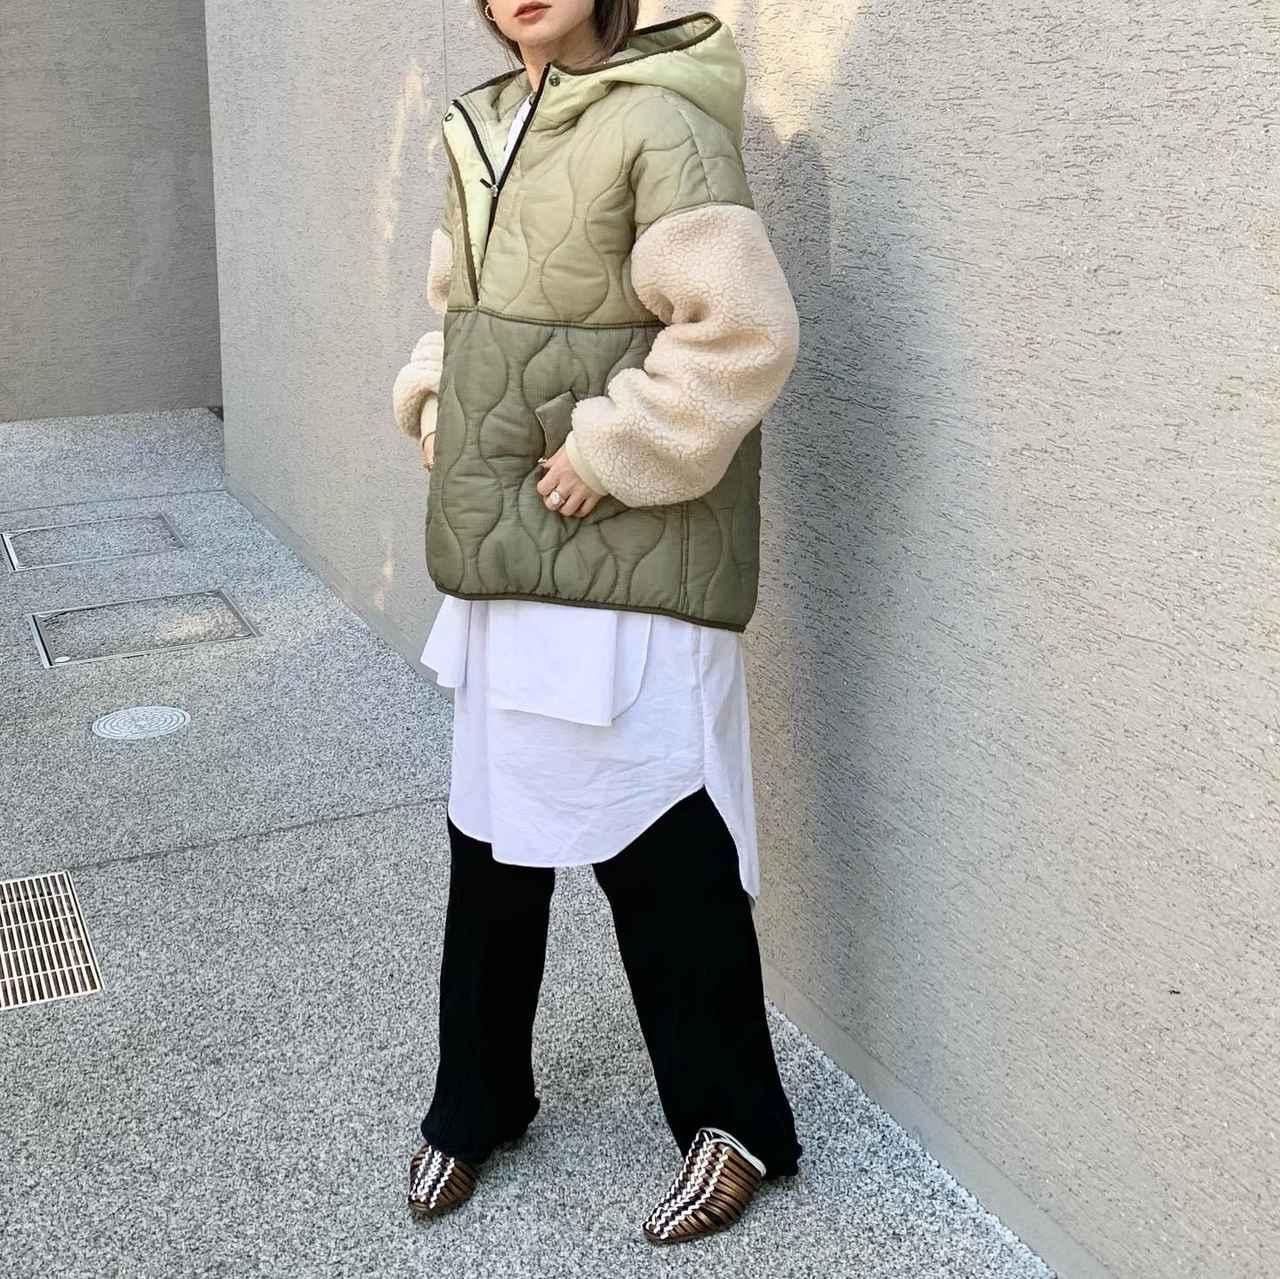 画像1: 【冬はマスト!】 ショート丈のキルティングアウターの着こなし★